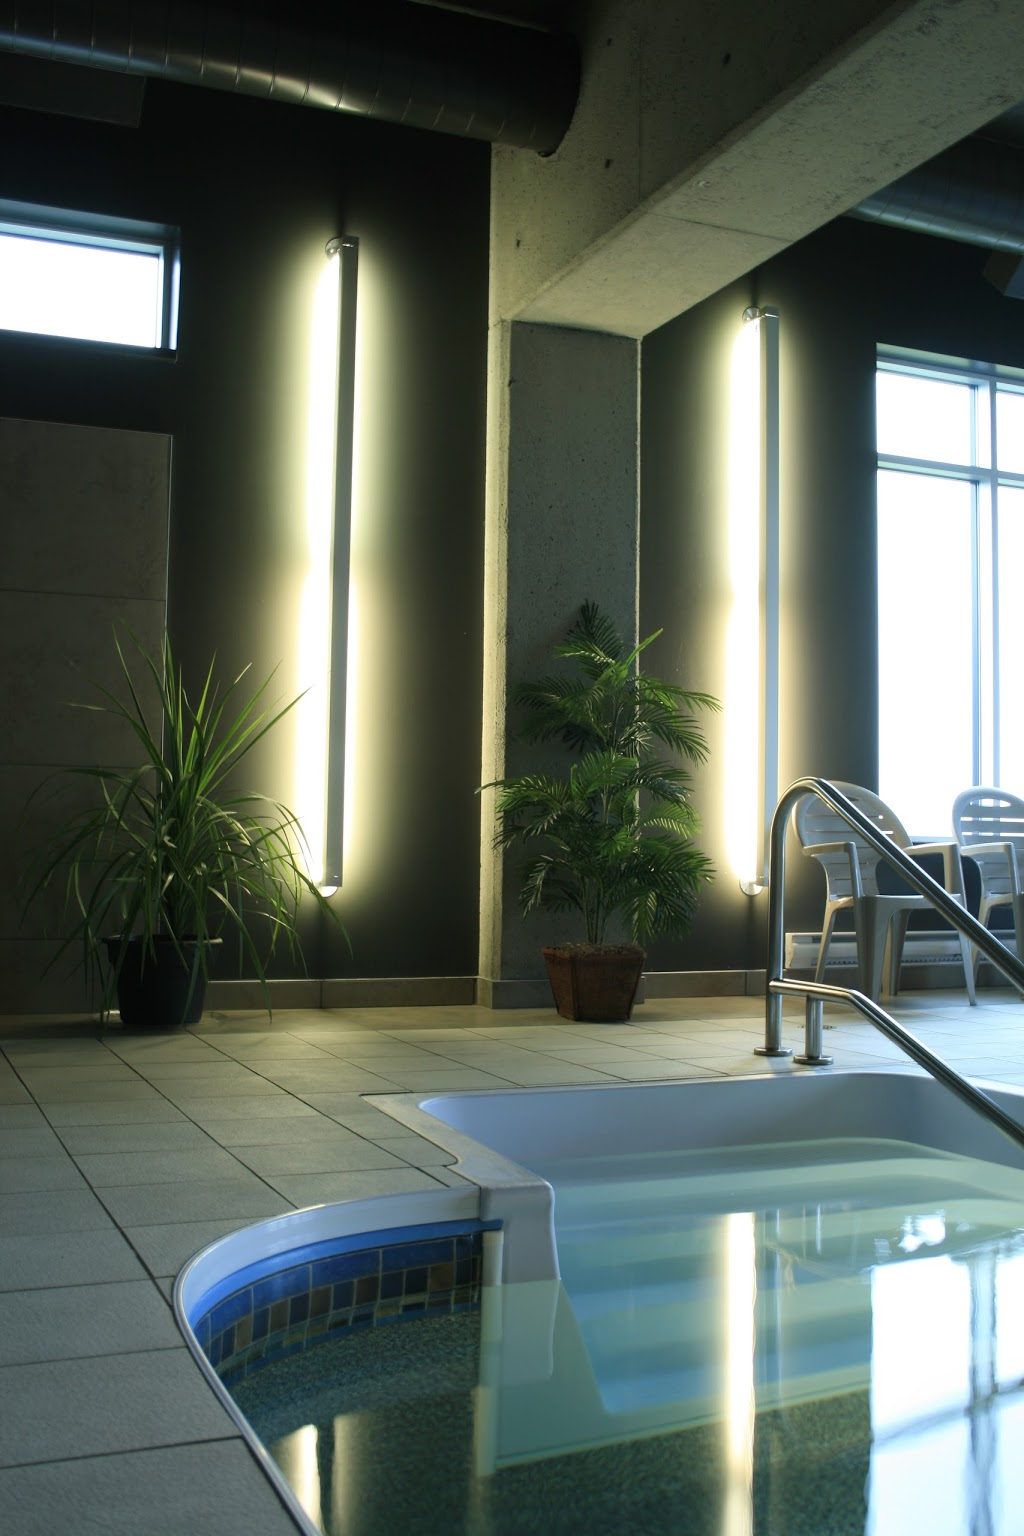 Grand Times Hotel - Québec | lodging | 5100 Boulevard des Galeries, Québec, QC G2K 2M1, Canada | 4183533333 OR +1 418-353-3333